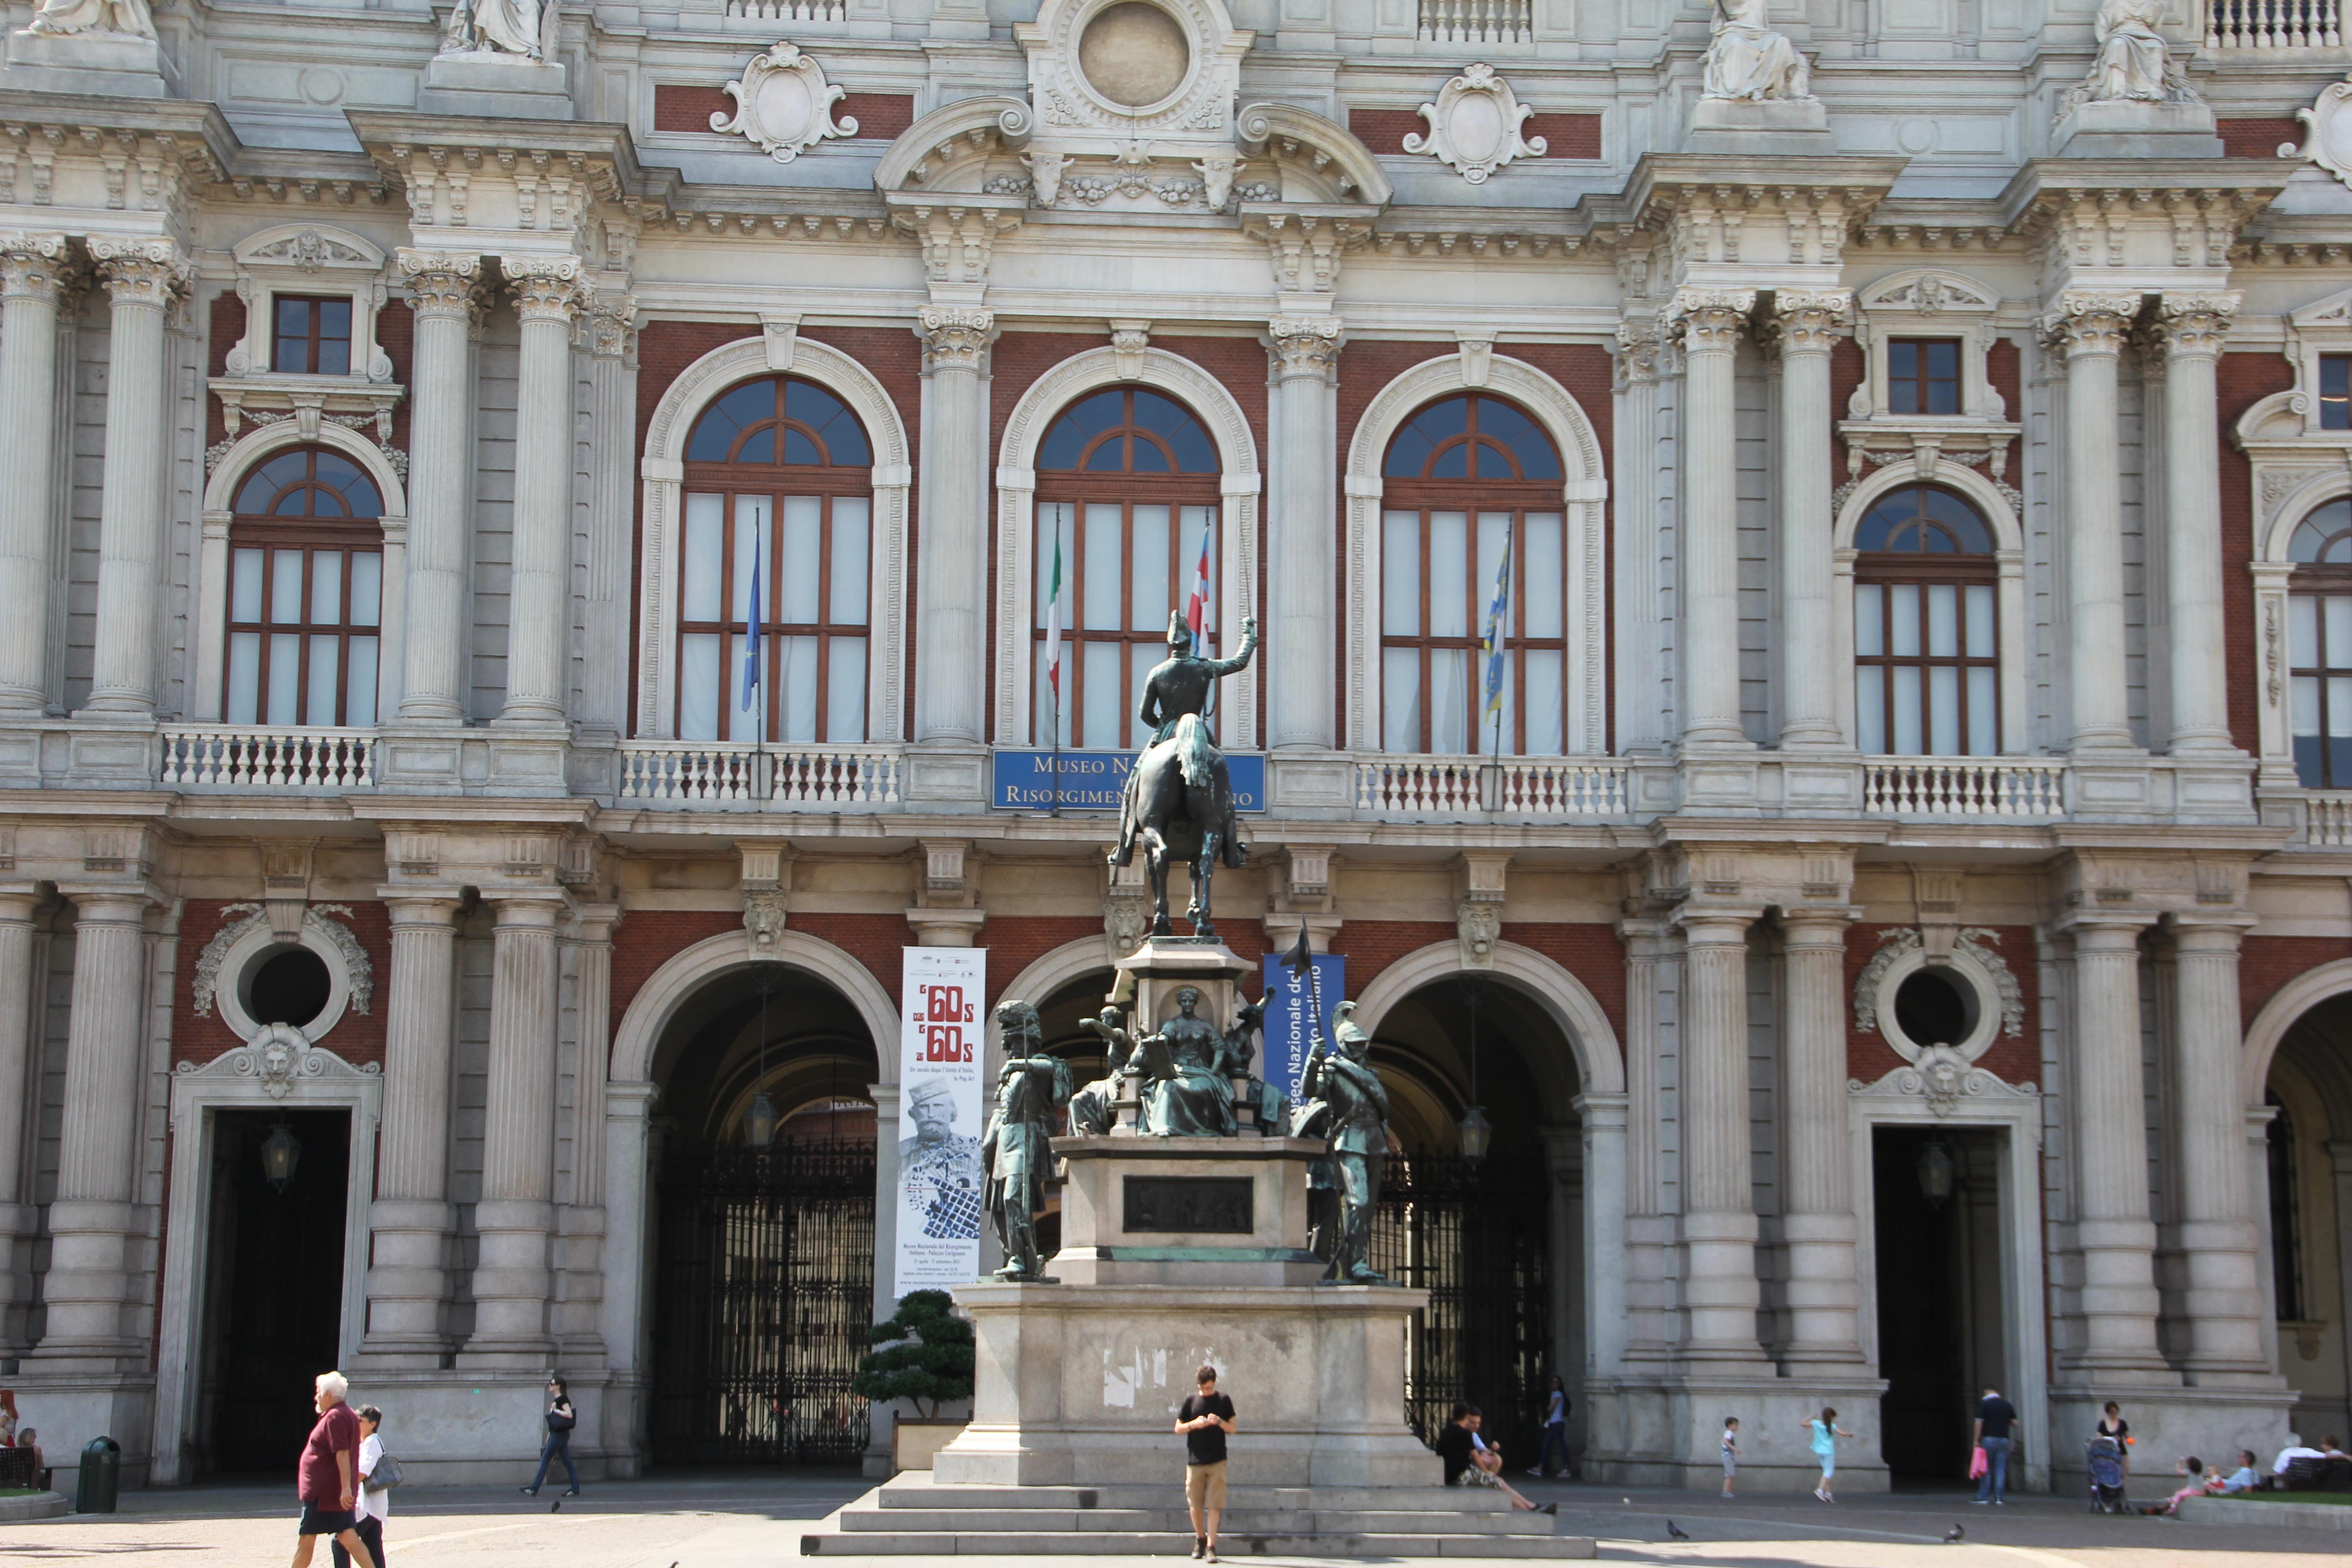 Museo Del Risorgimento Torino.File Torino Museo Del Risorgimento Italiano 08 Jpg Wikimedia